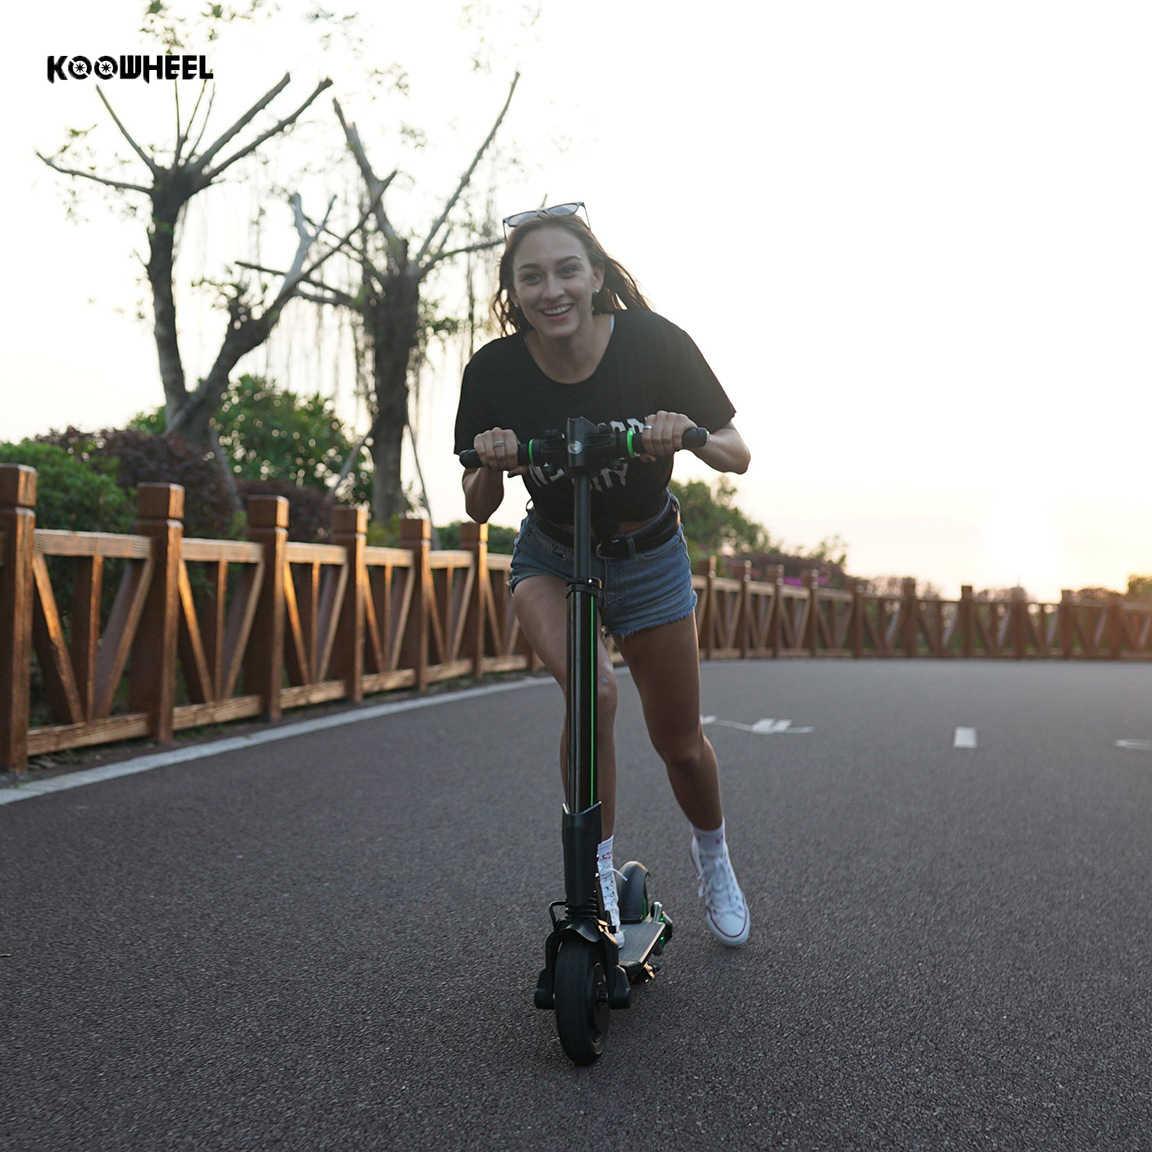 2019 Koowheel Elettrico Scooter Calcio 6000mAh Pieghevole e-Scooter 2 ruote Elettrico di Skateboard Patinete Electrico Adulto